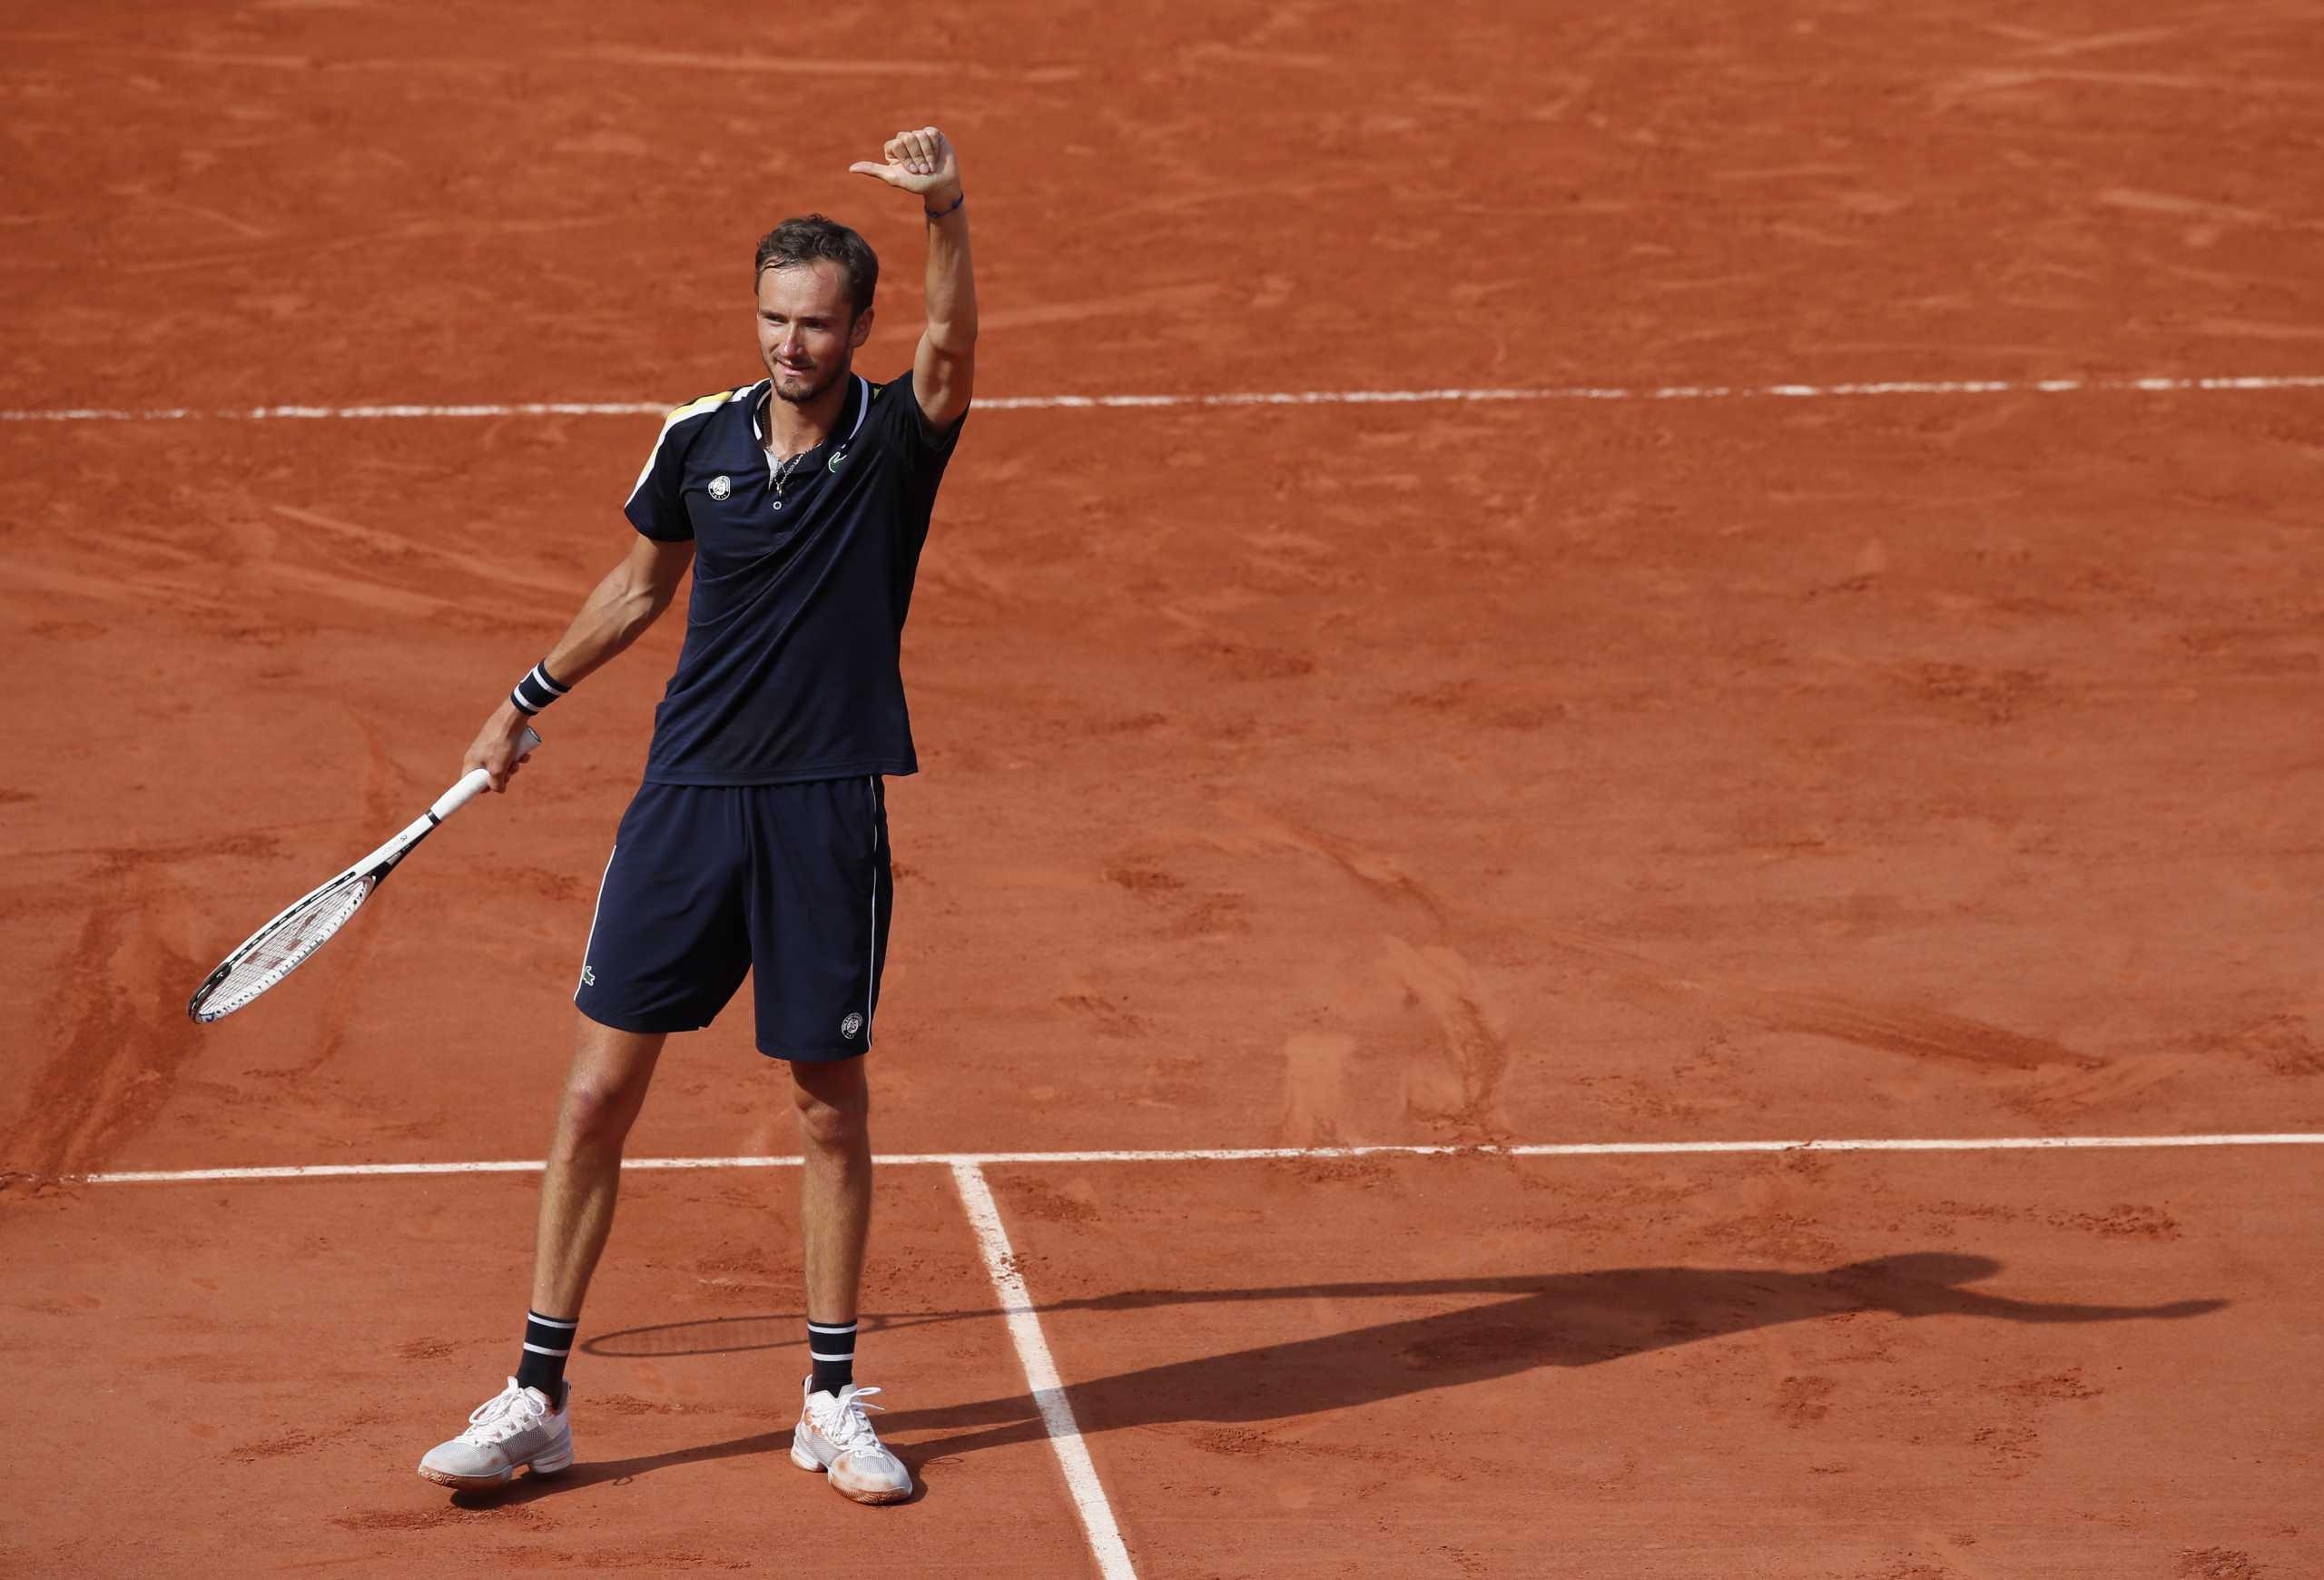 O Στέφανος Τσιτσιπάς θα αντιμετωπίσει τον Μεντβέντεφ στα προημιτελικά του Roland Garros